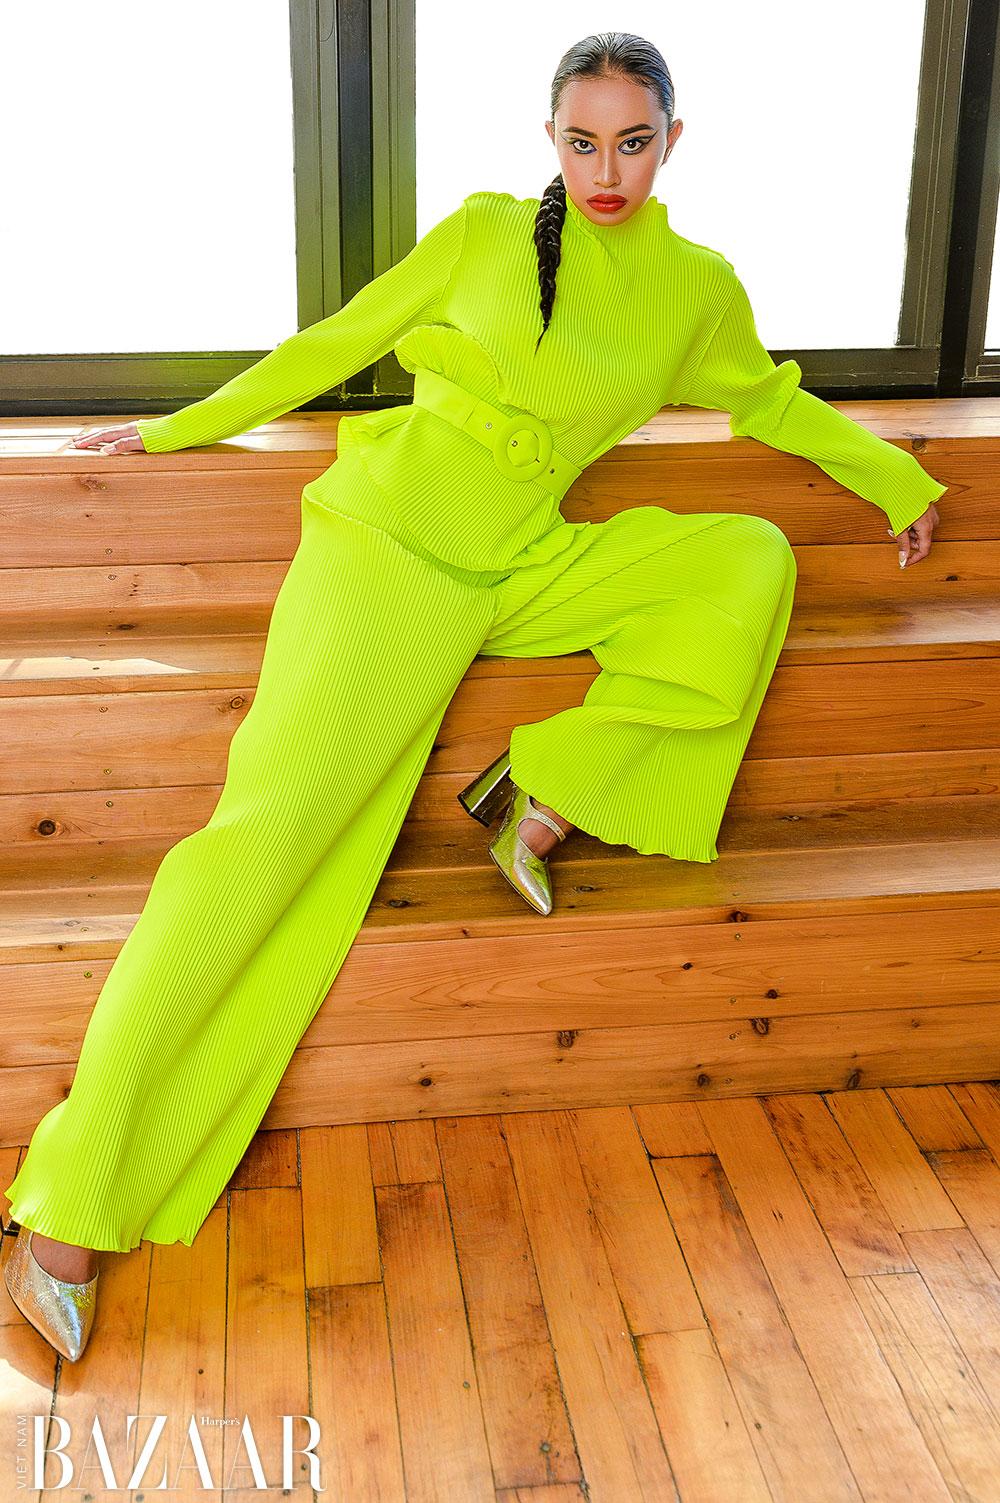 Bộ ảnh thời trang Sắc màu New York: Thành phố không bao giờ ngủ by Veronika Lemle